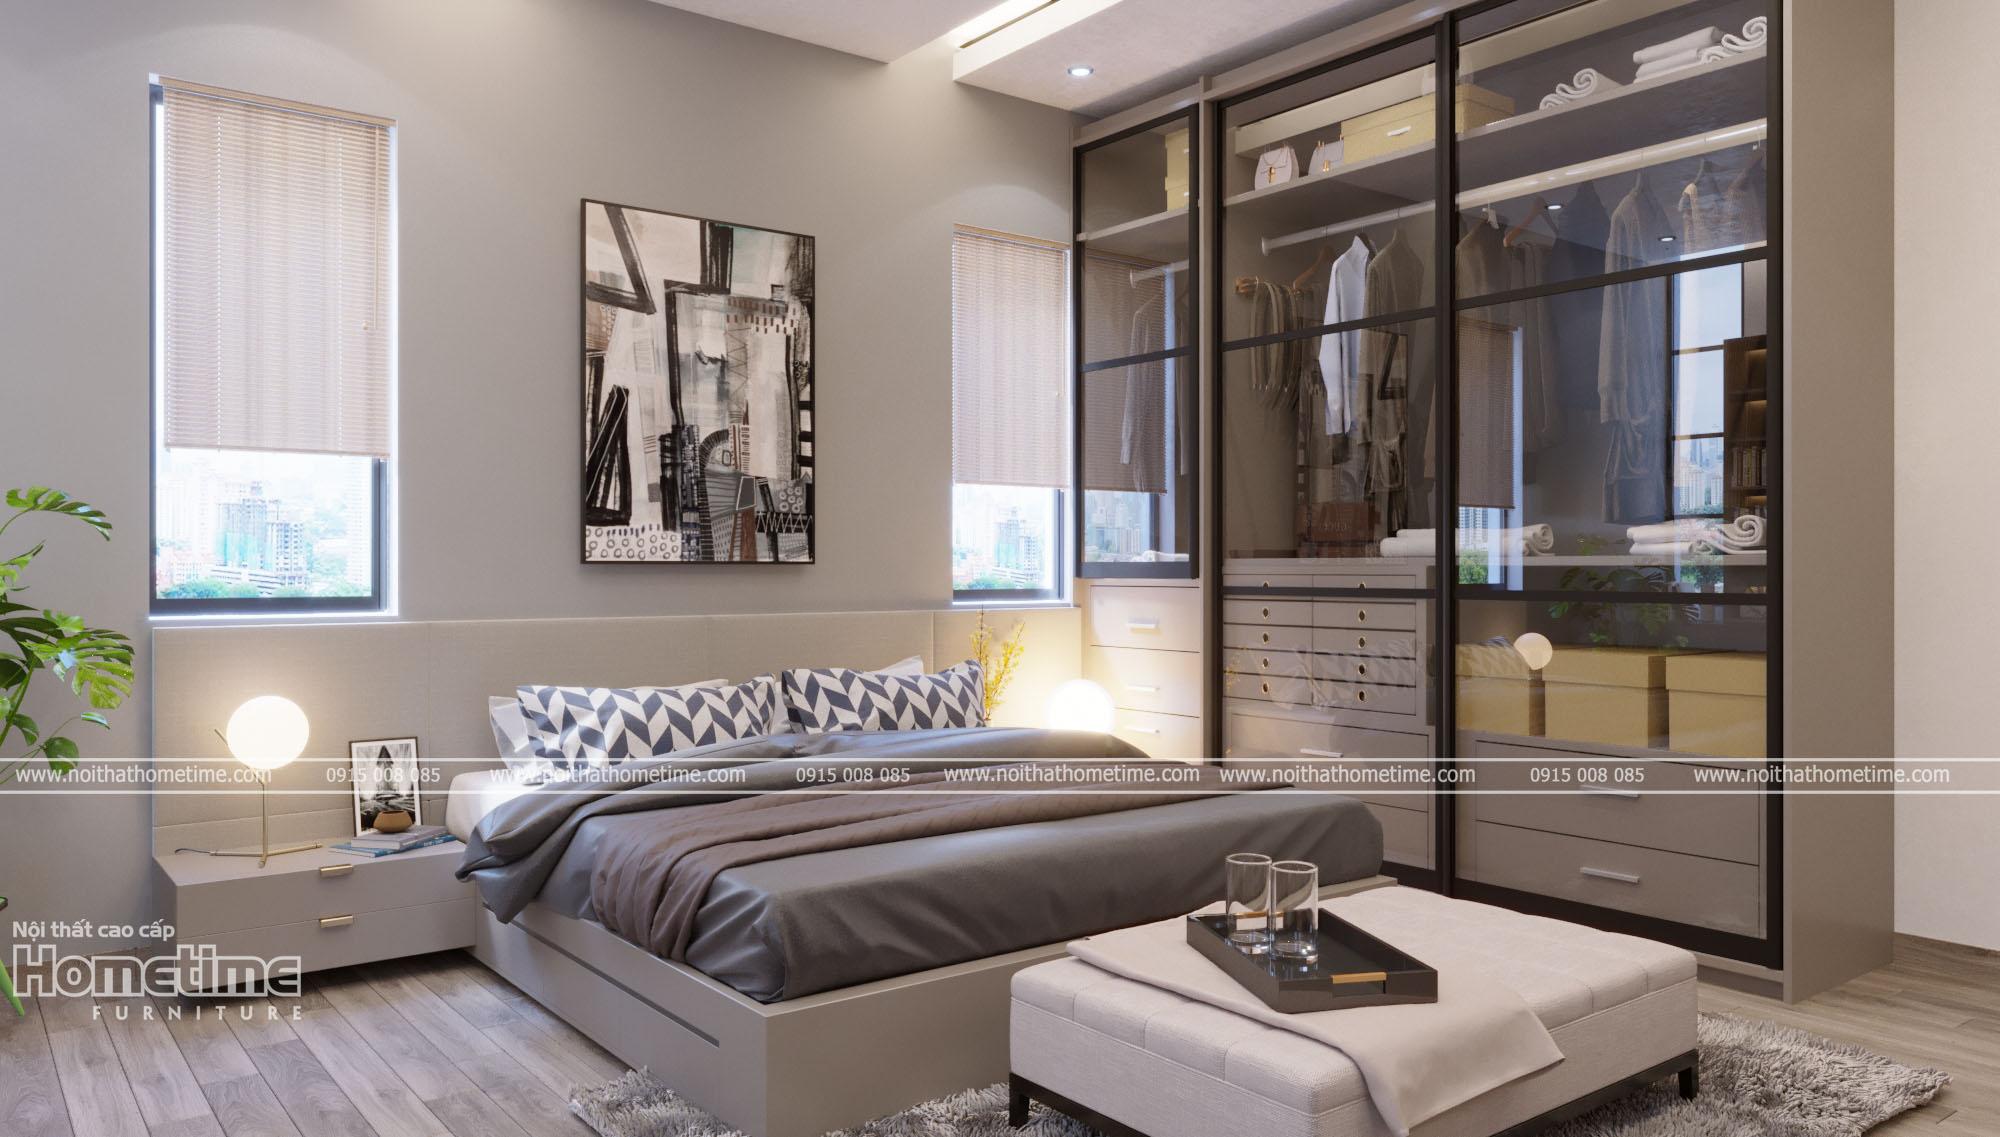 Thiết kế nội thất phòng ngủ hiện đại nhà chị Hưòng - PG An Đồng